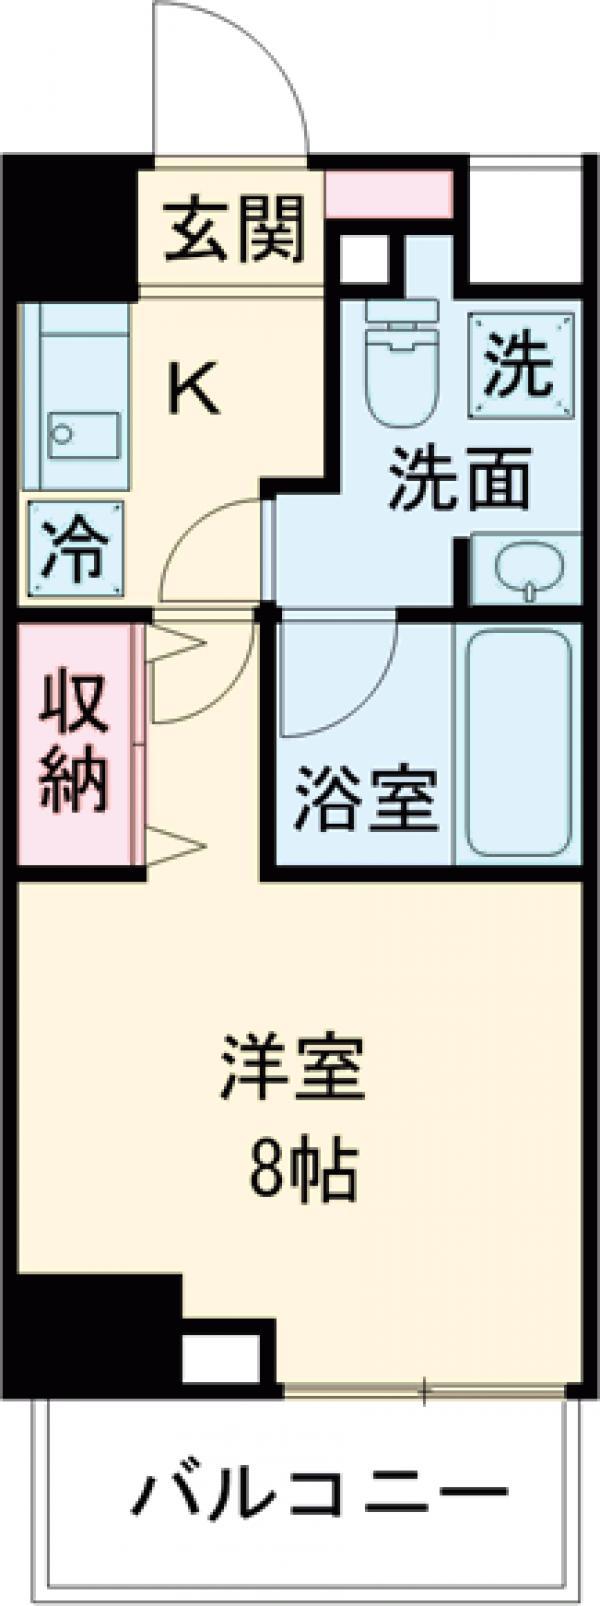 DeLCCS  IKEBUKURO・502号室の間取り